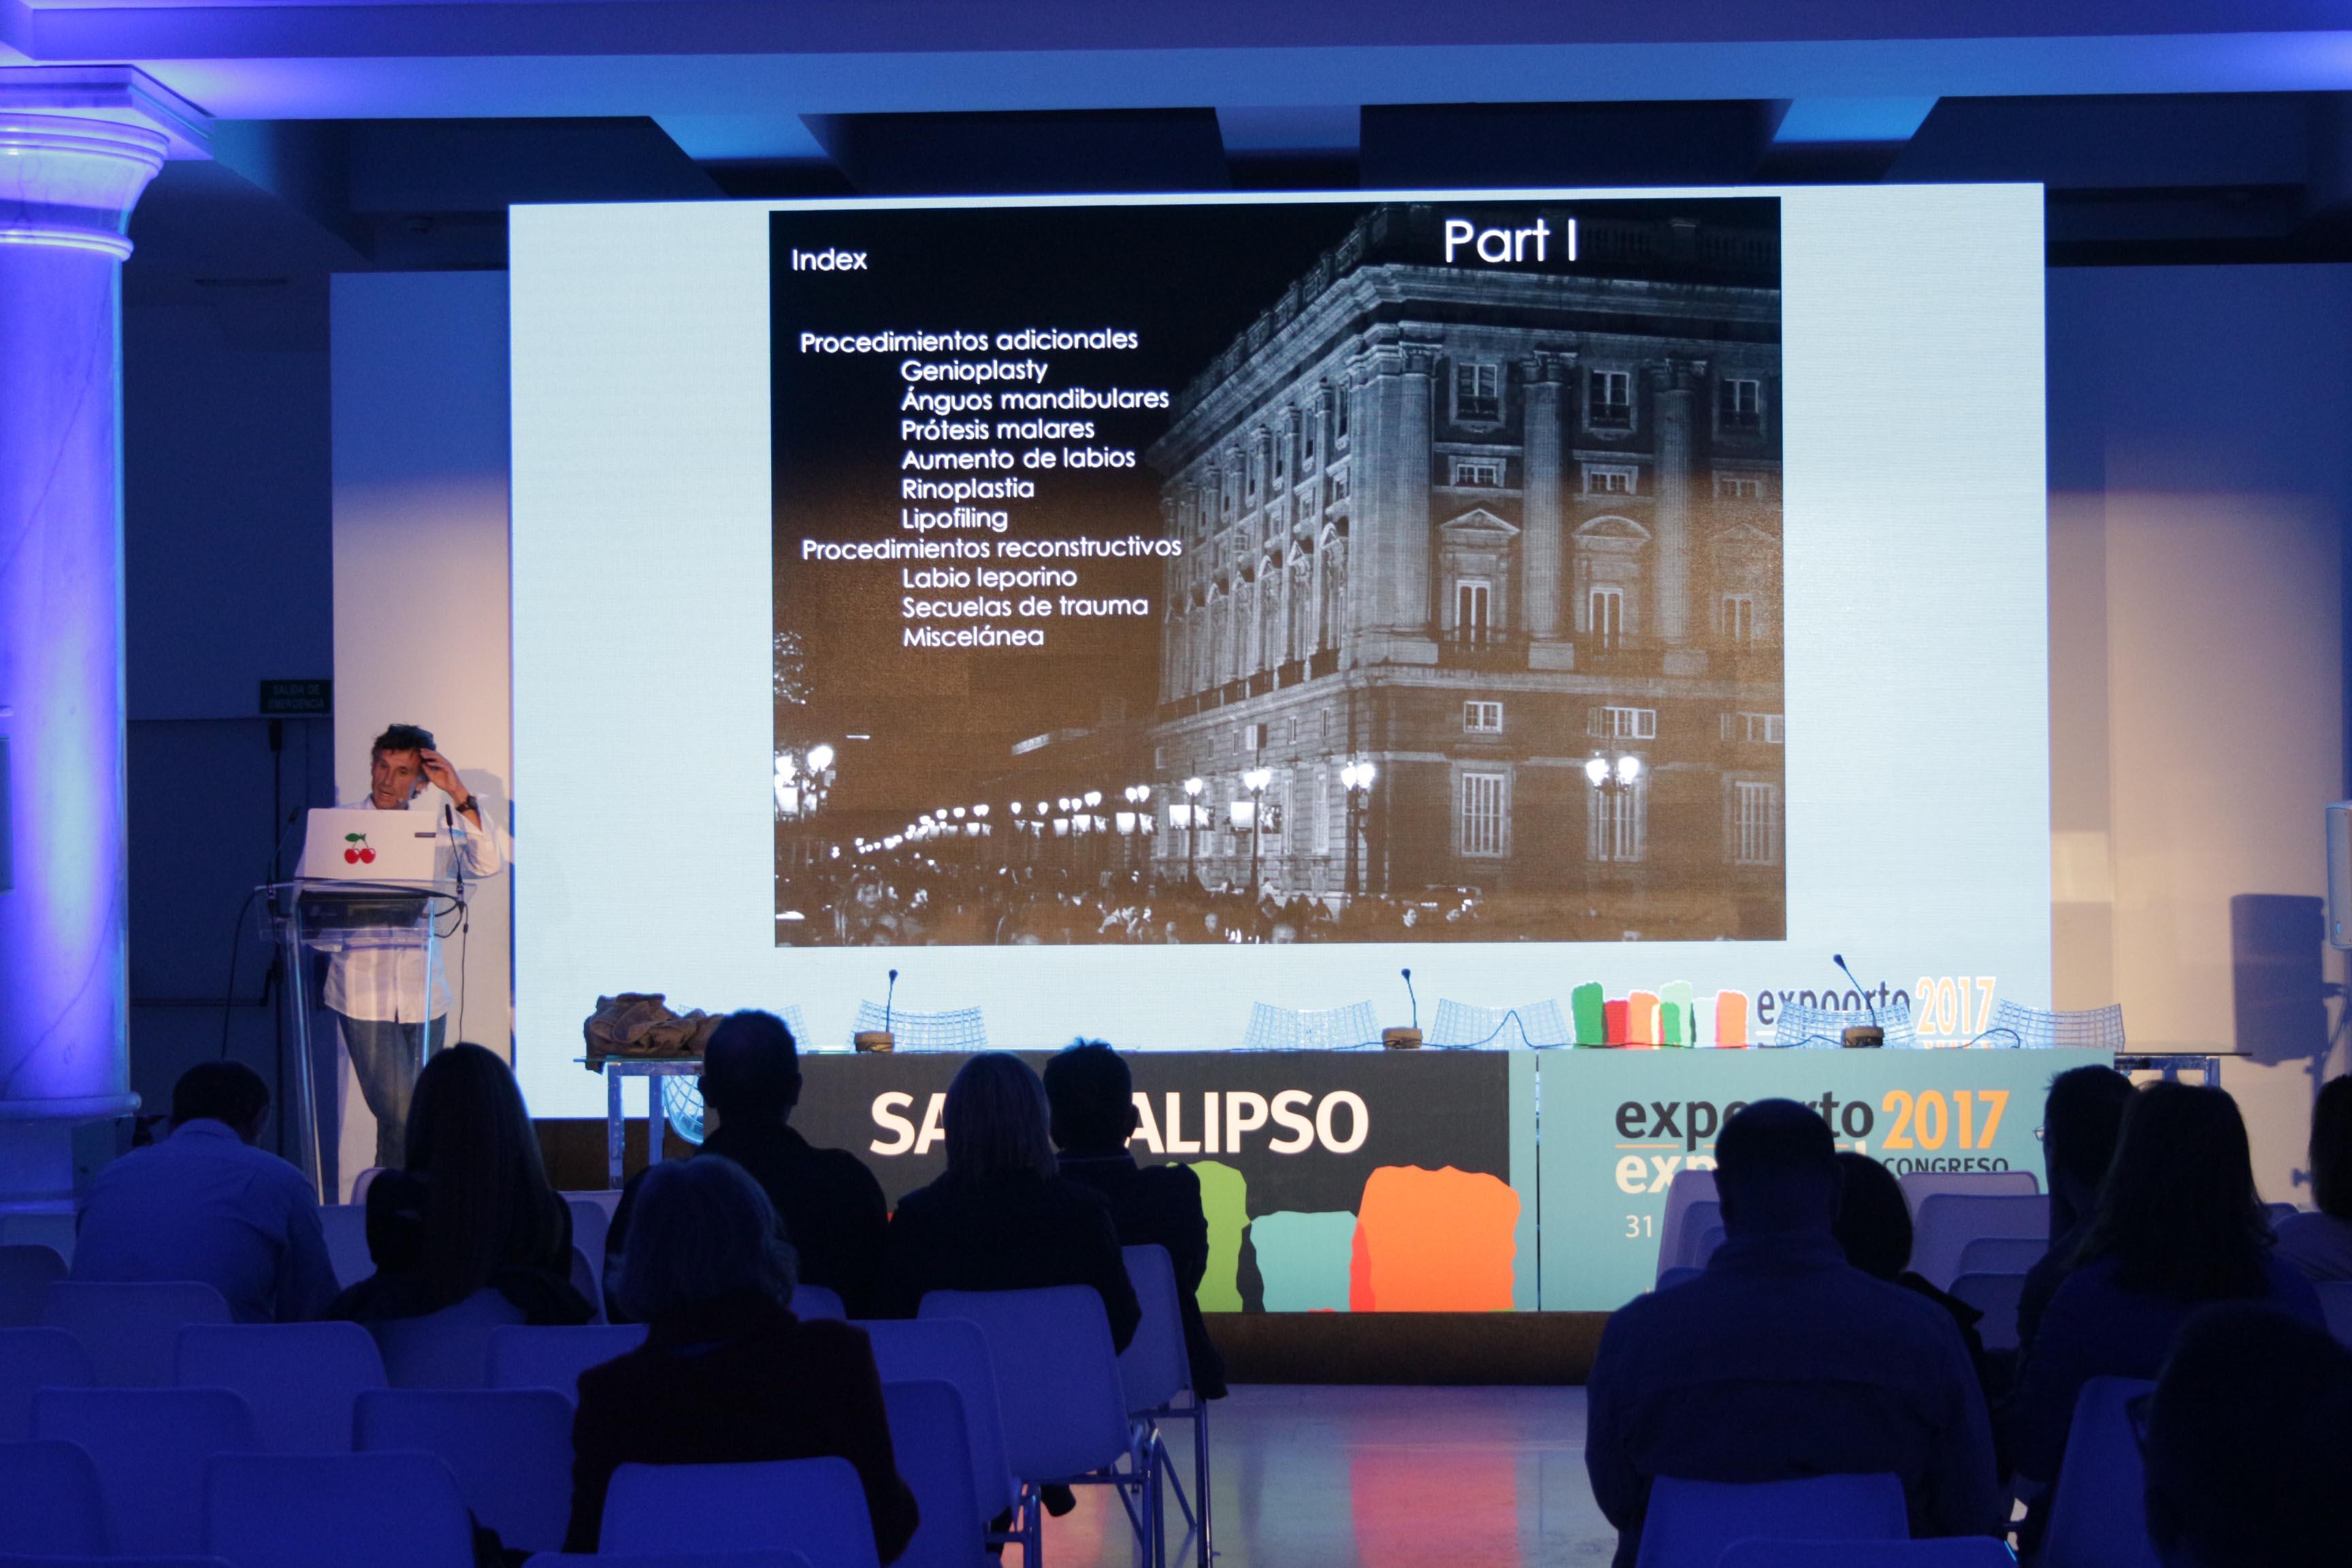 Expoorto-Expooral 2017 se ha celebrado en Madrid durante los días 31 de marzo y 1 de abril con la alta tecnología como hilo conductor.